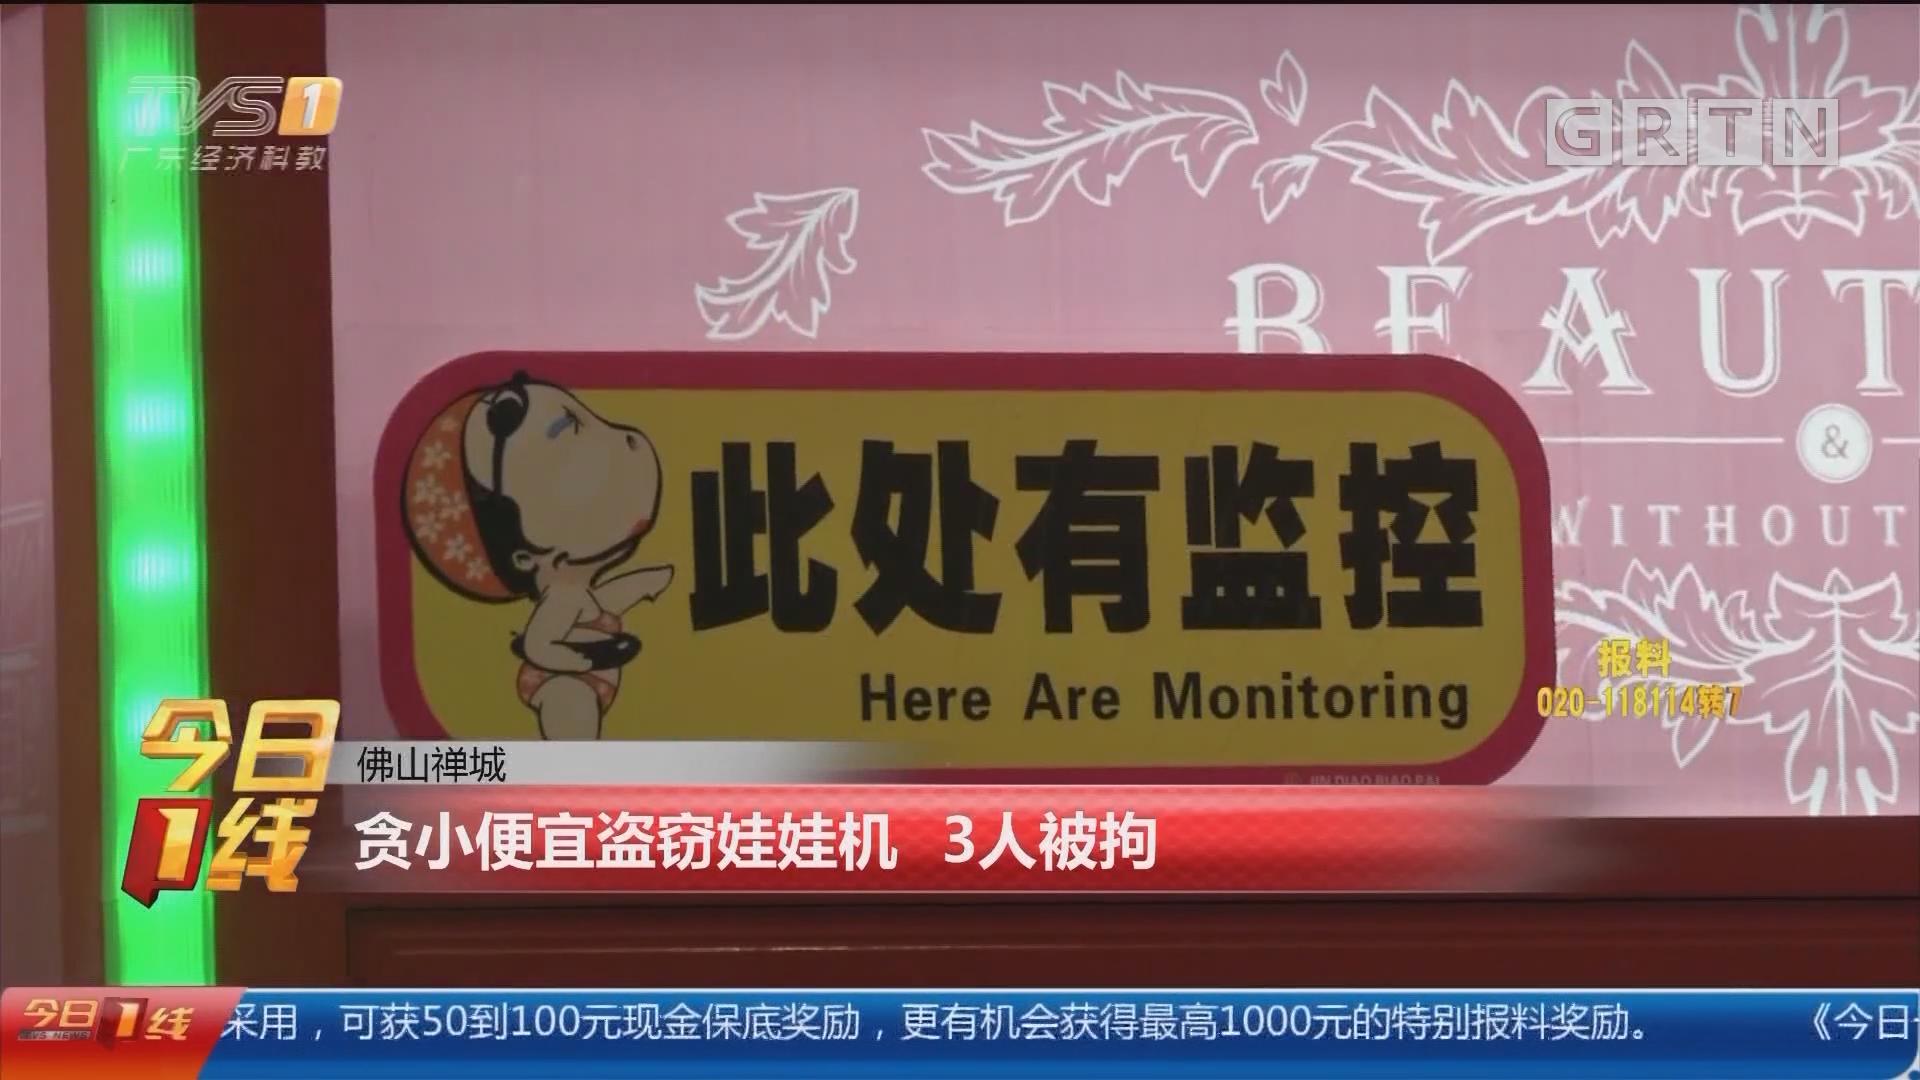 佛山禅城:贪小便宜盗窃娃娃机 3人被拘